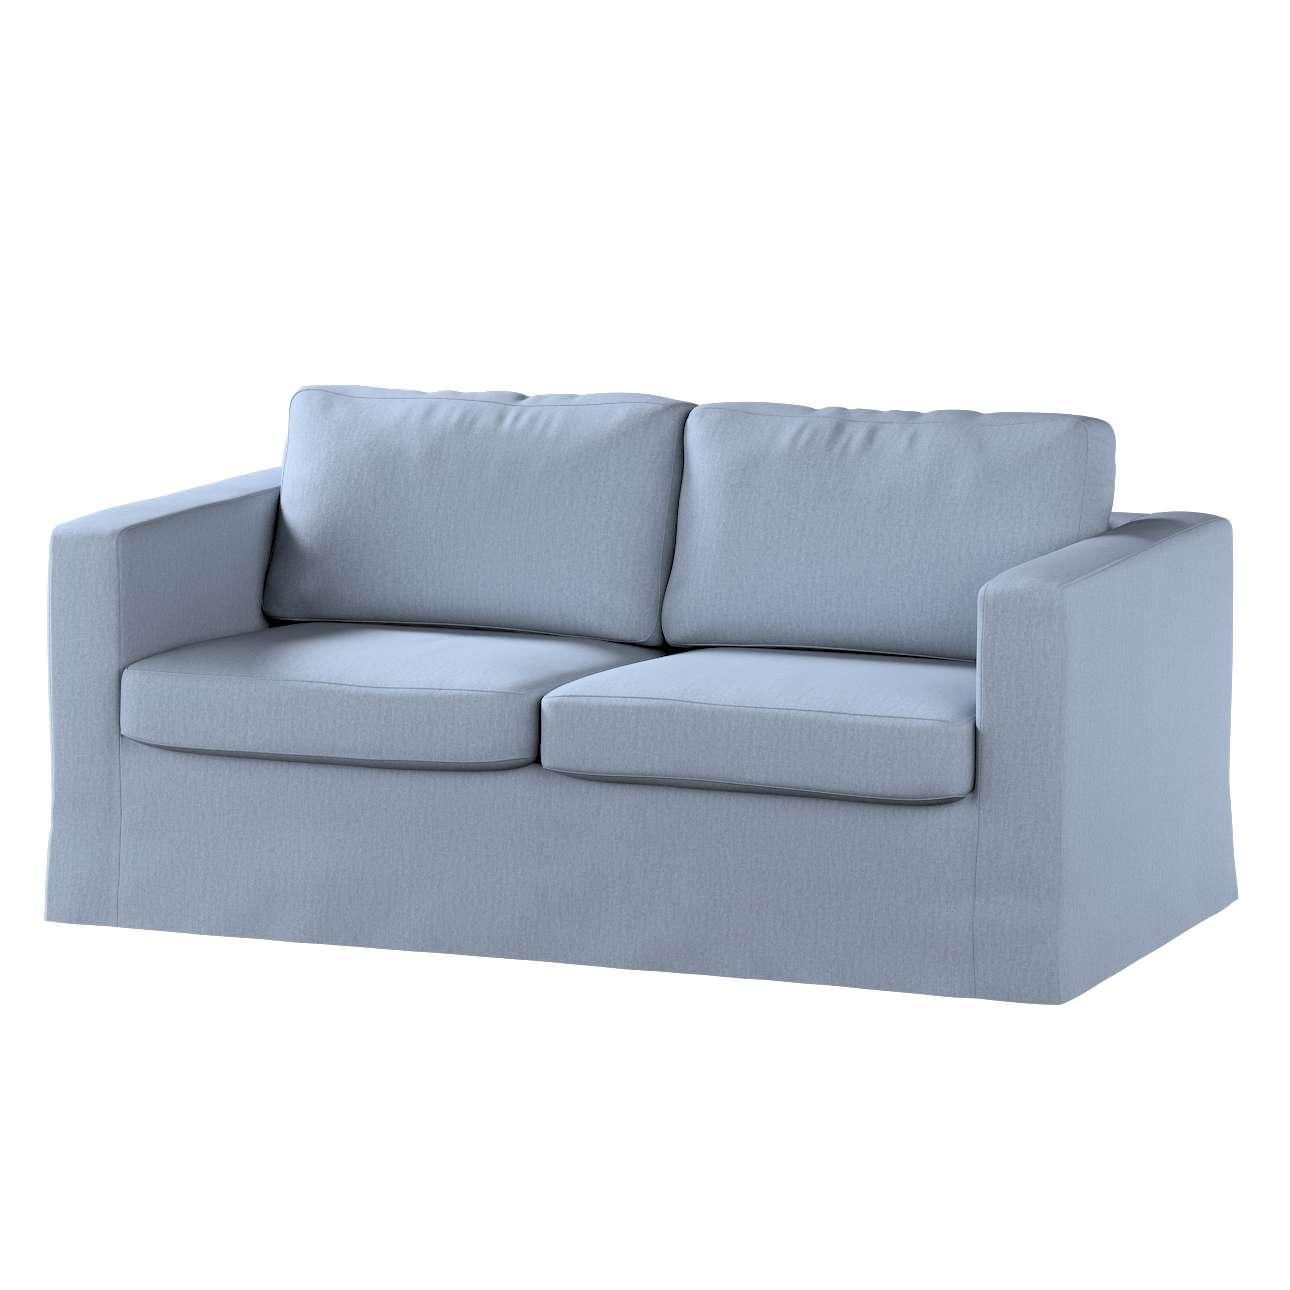 Hoes (lang) voor IKEA-Karlstad 2-zitsbank van de collectie Chenille, Stof: 702-13